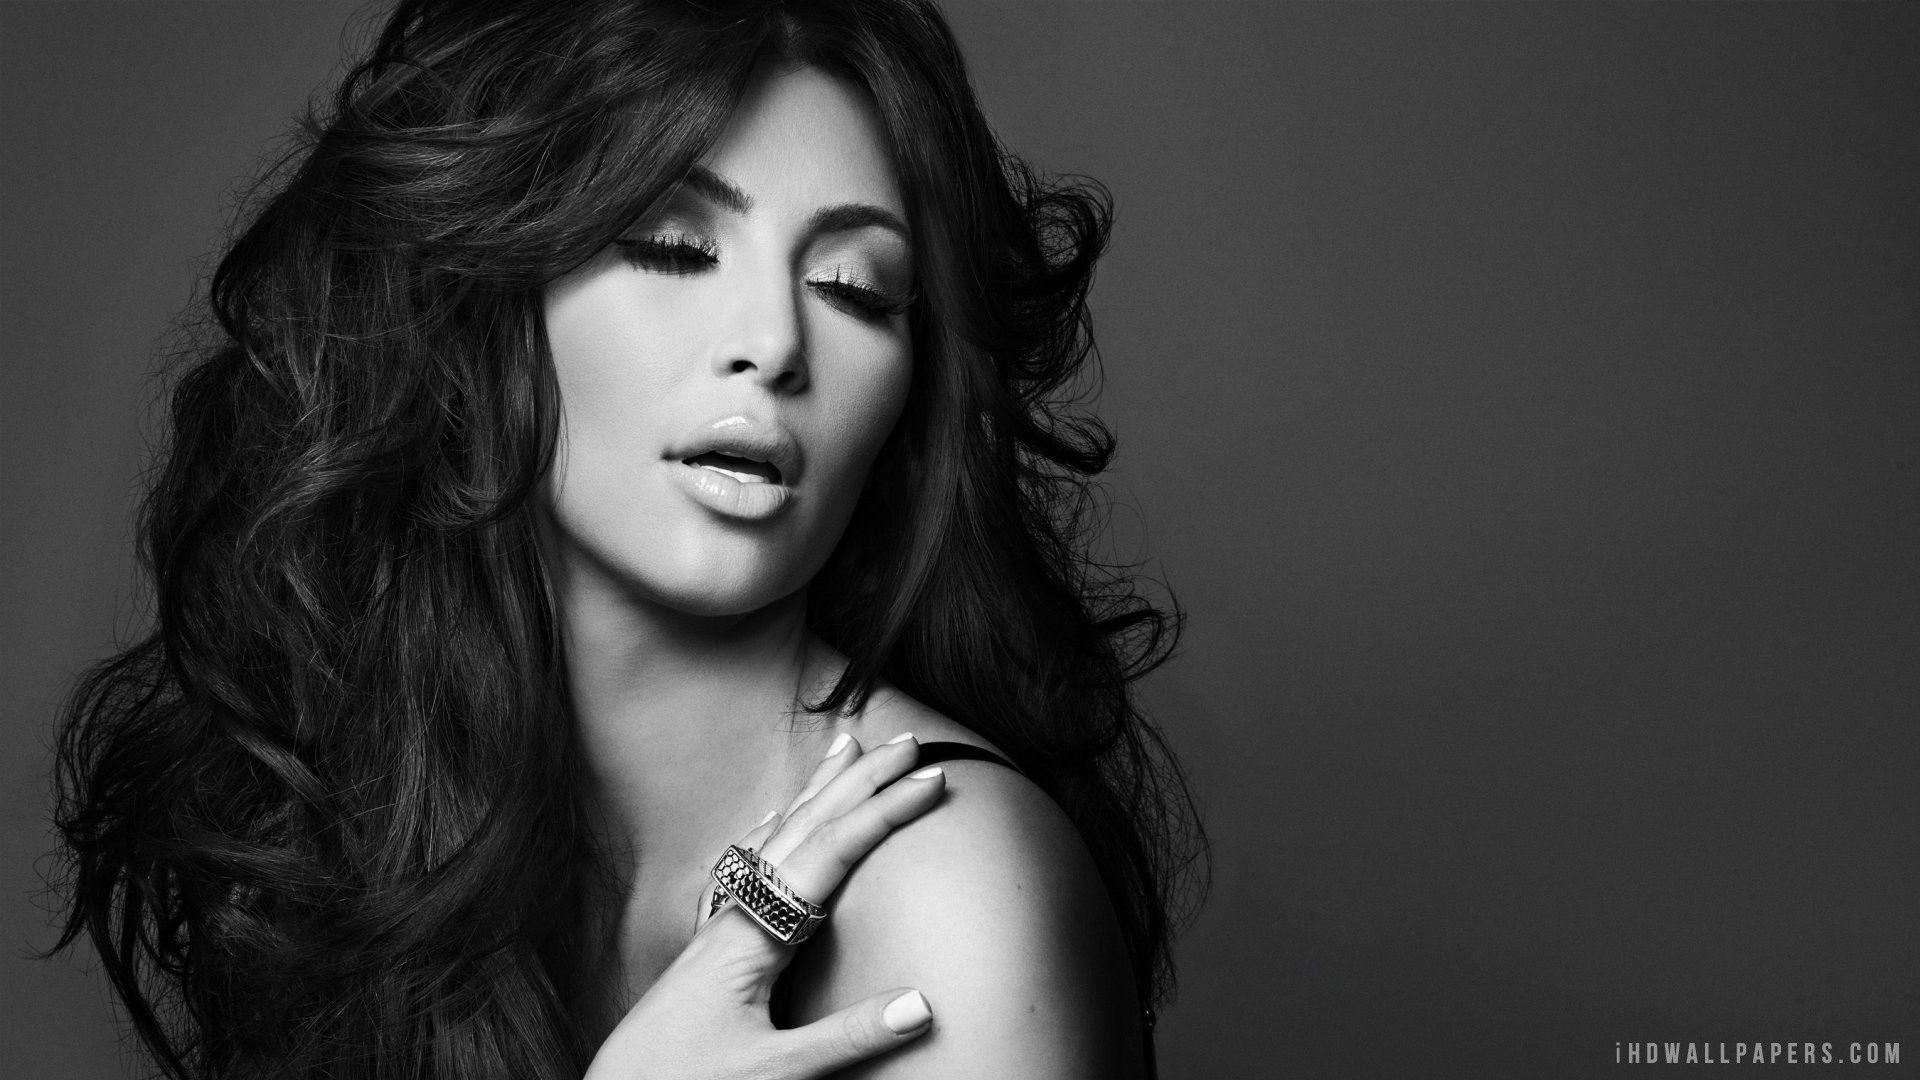 kim kardashian desktop wallpaper - photo #22